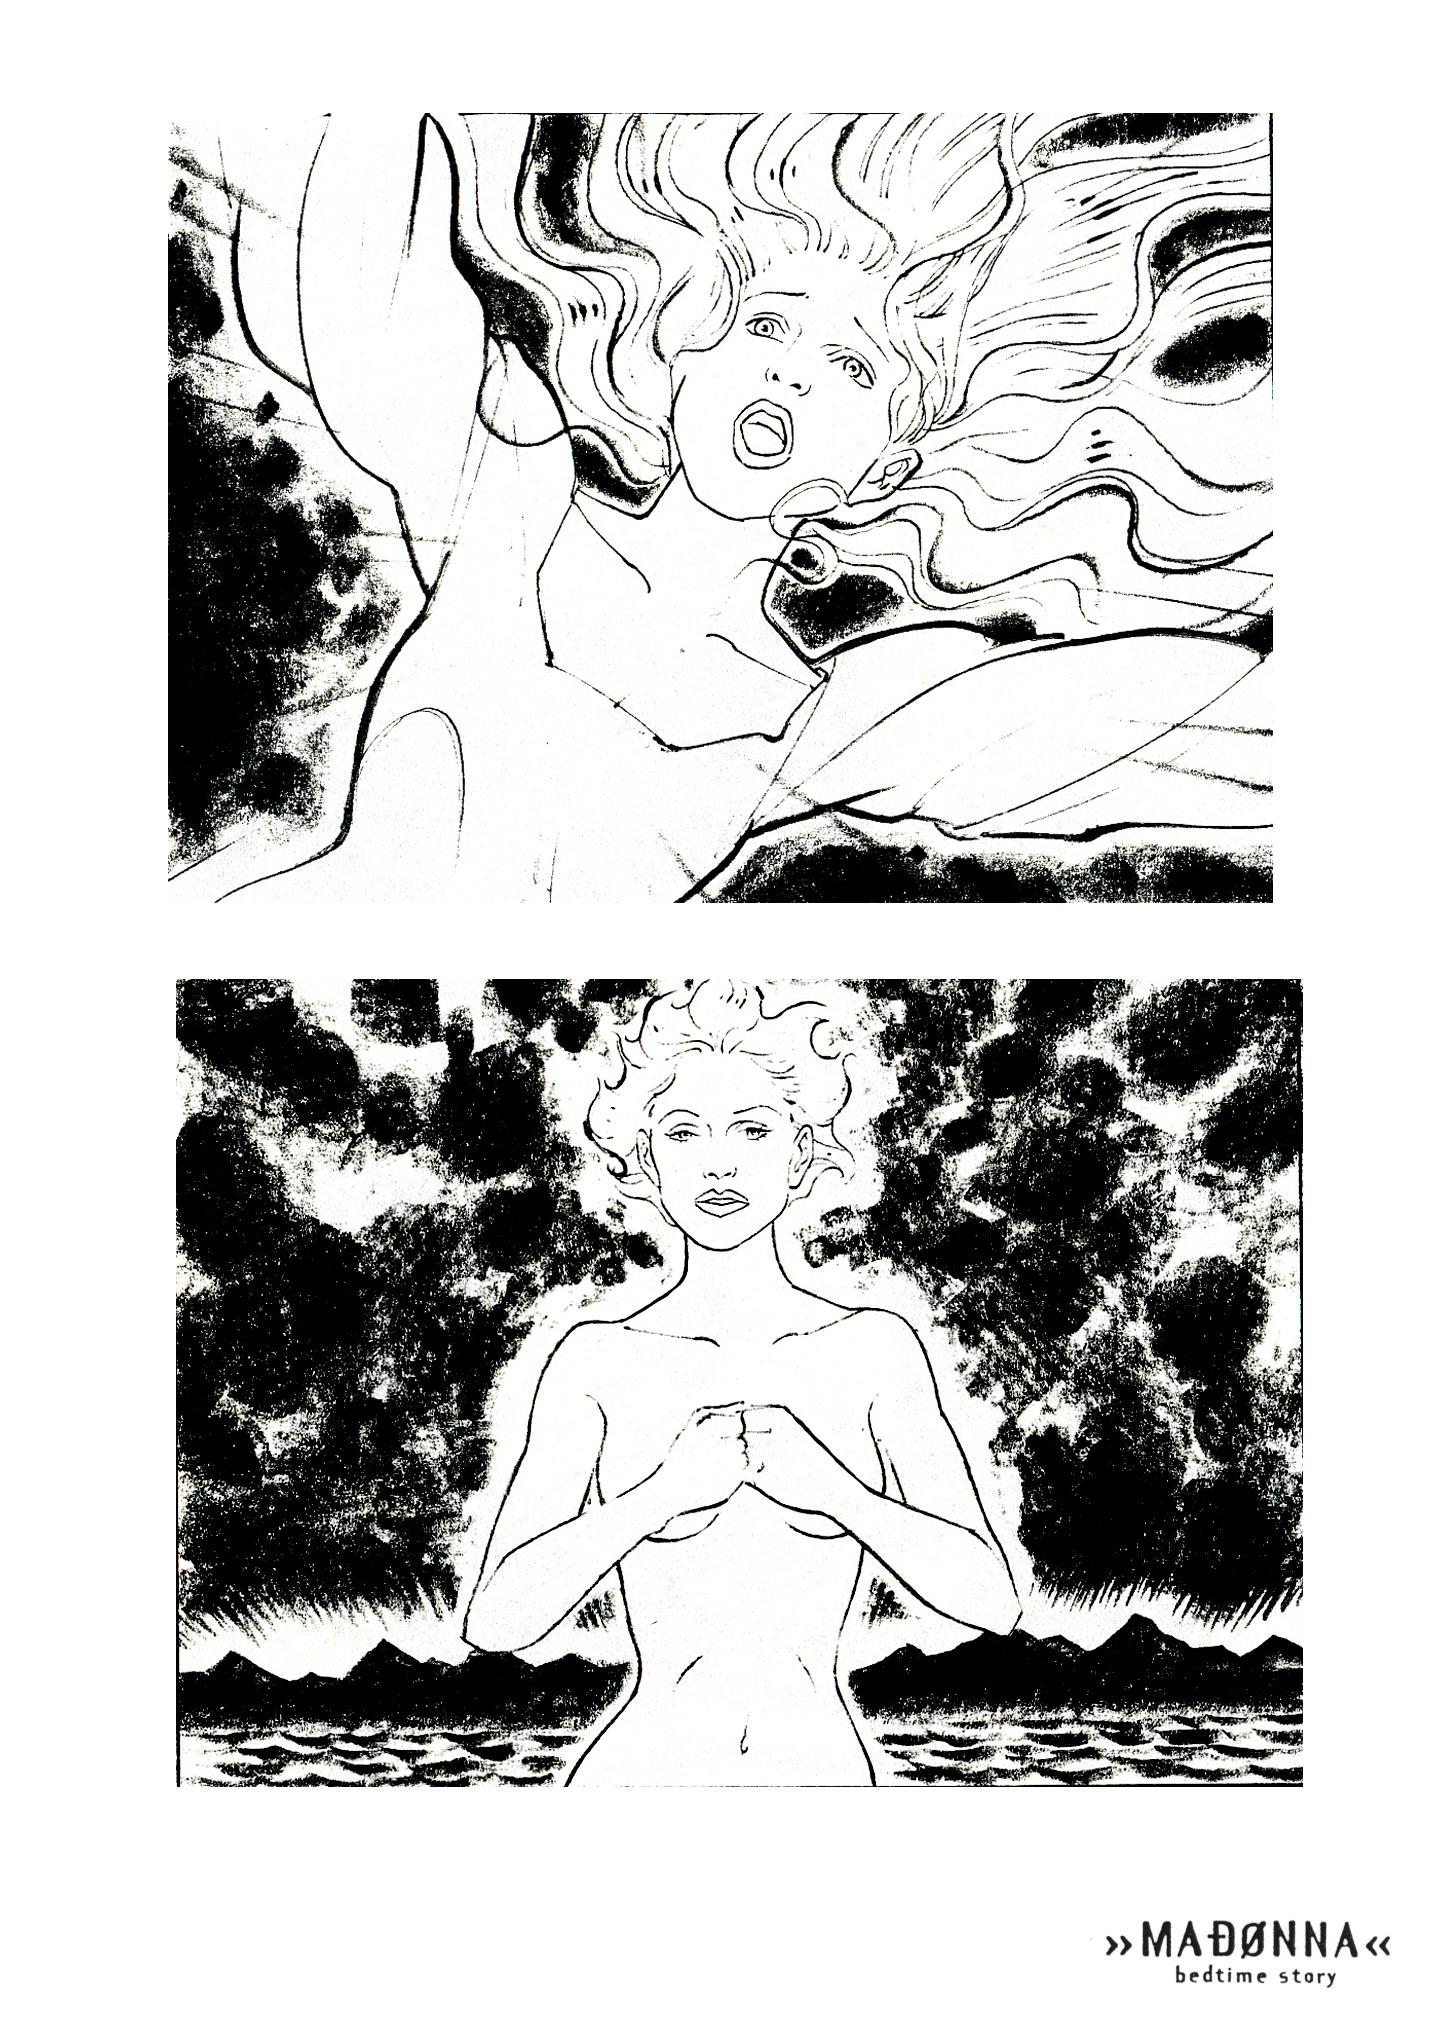 Madonna Bedtime 5.jpg